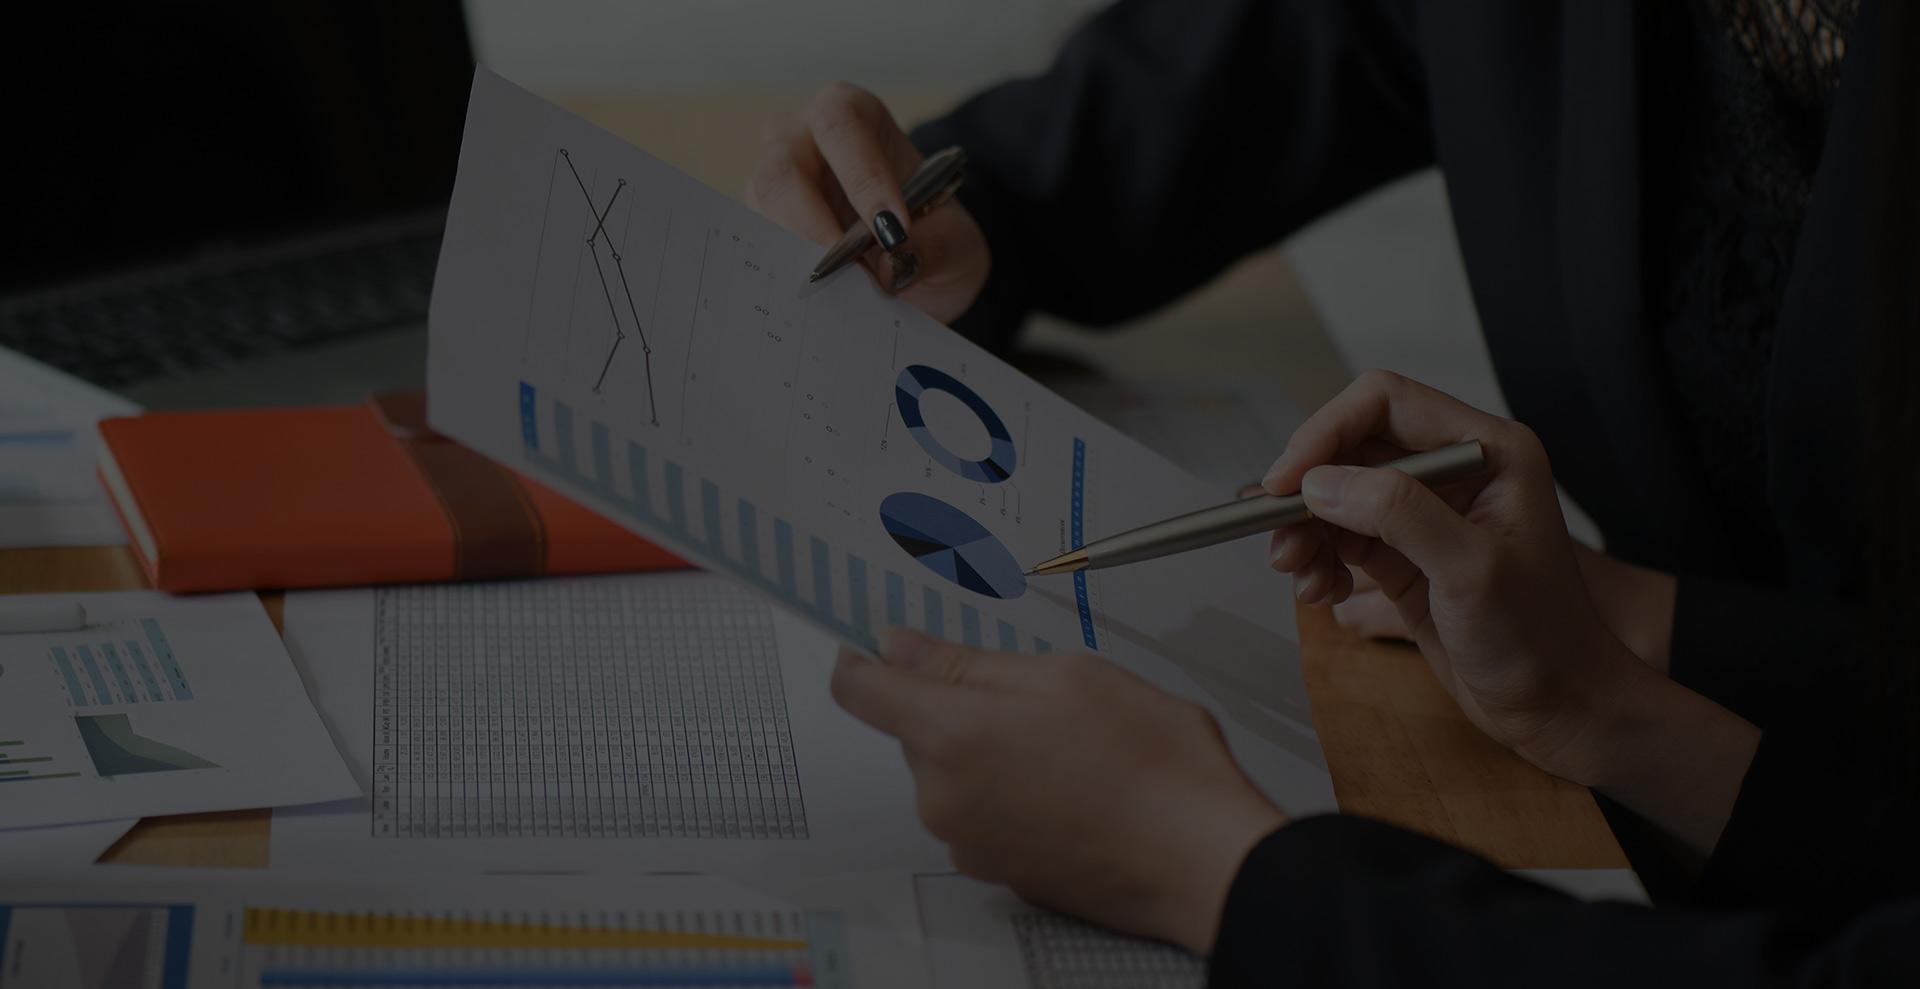 BFK profesjonalne biuro rachunkowe, kompleksowa obsługa